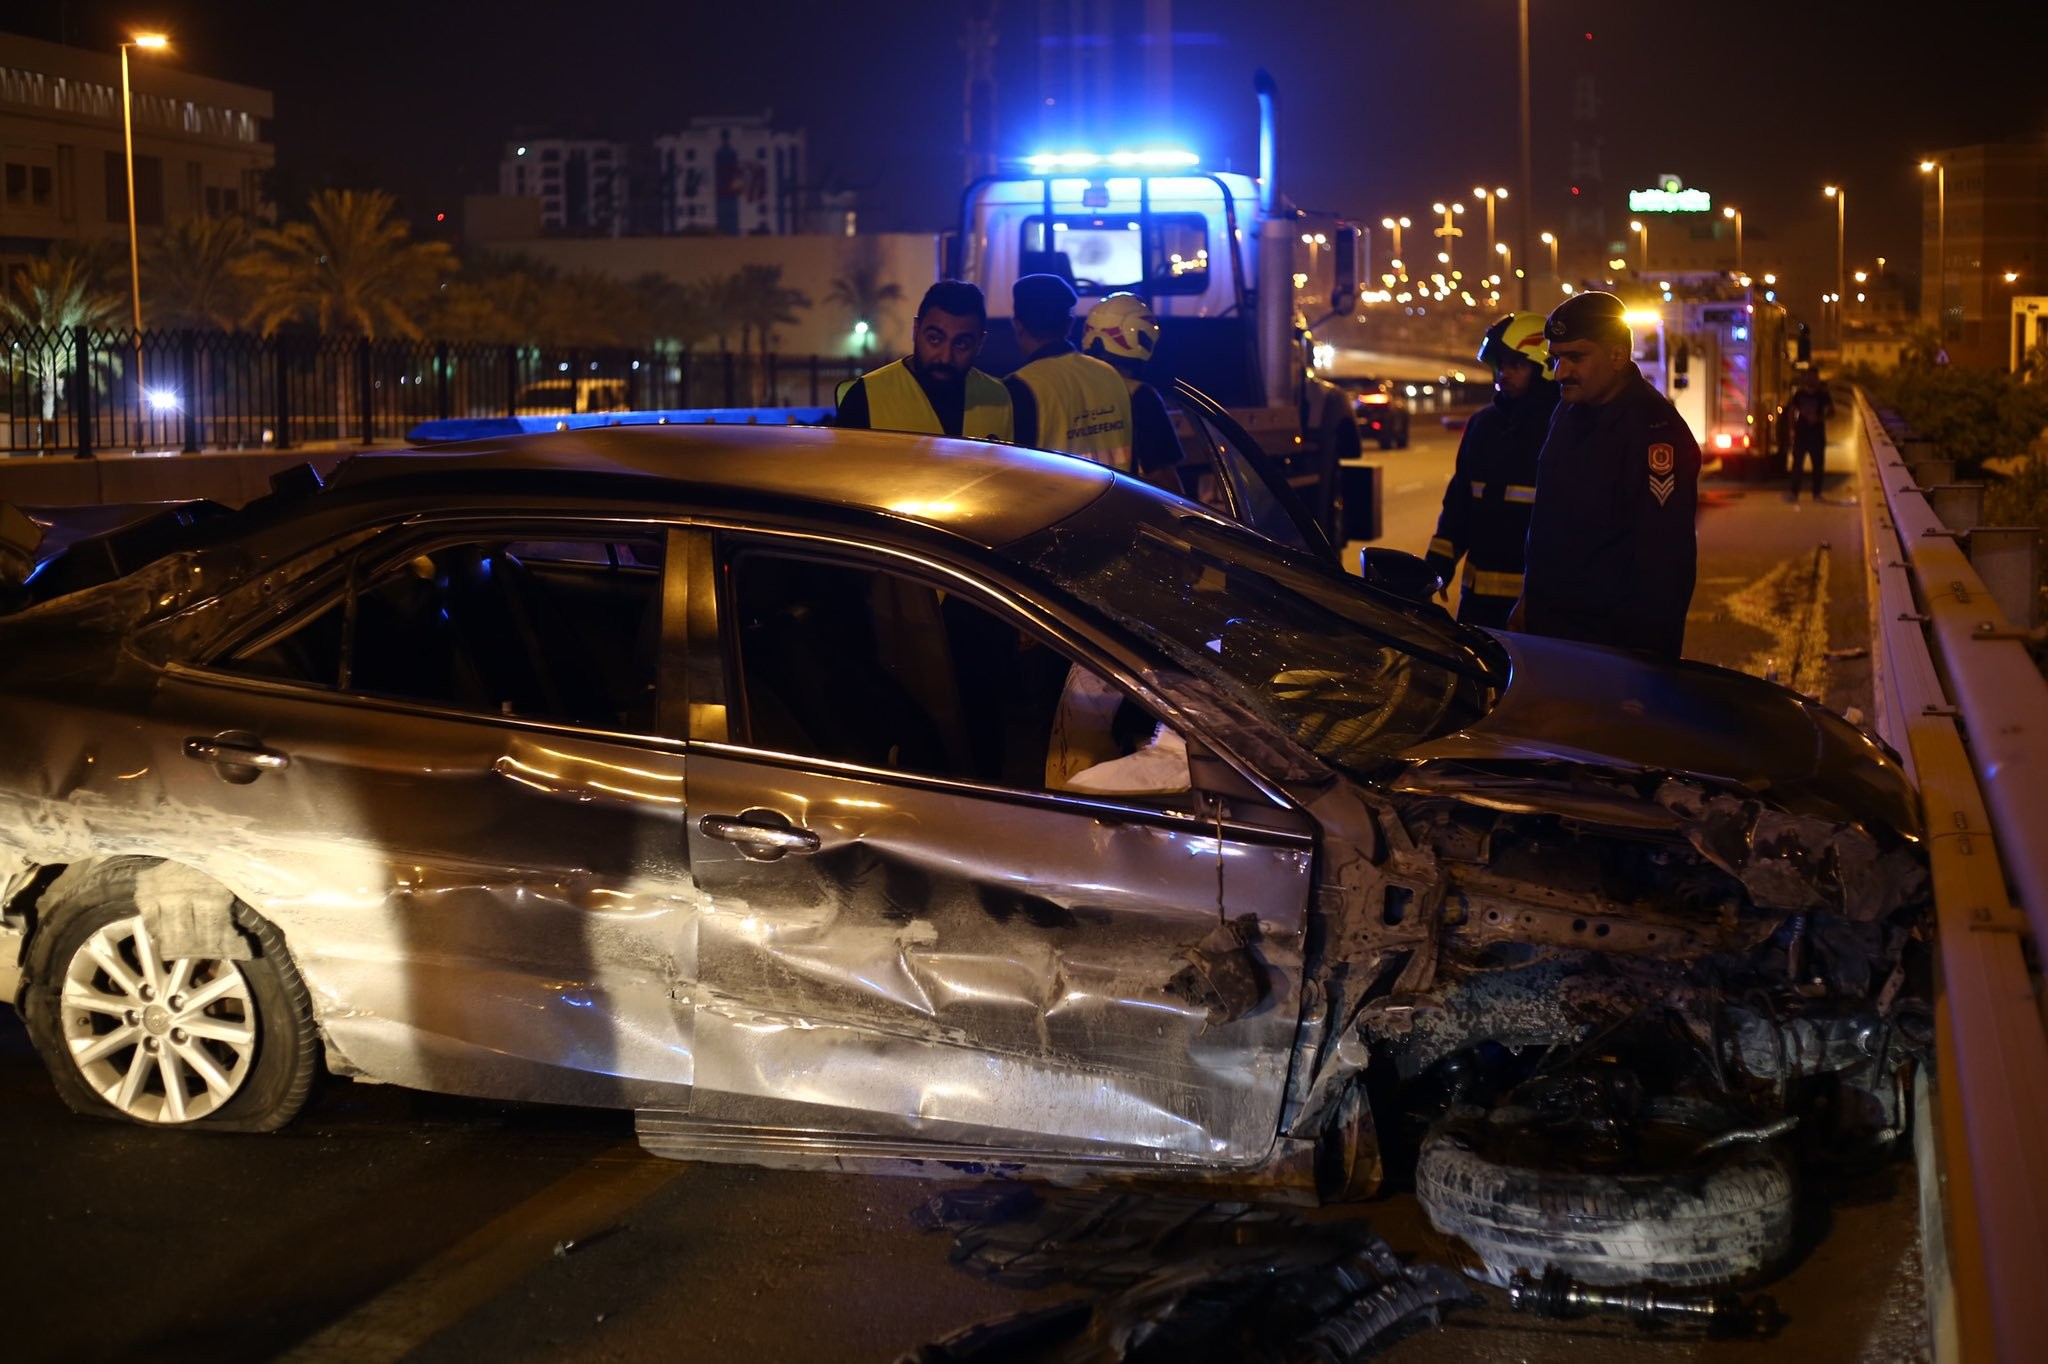 إصابة شخص بعد حادث مروري على شارع الشيخ عيسى بن سلمان